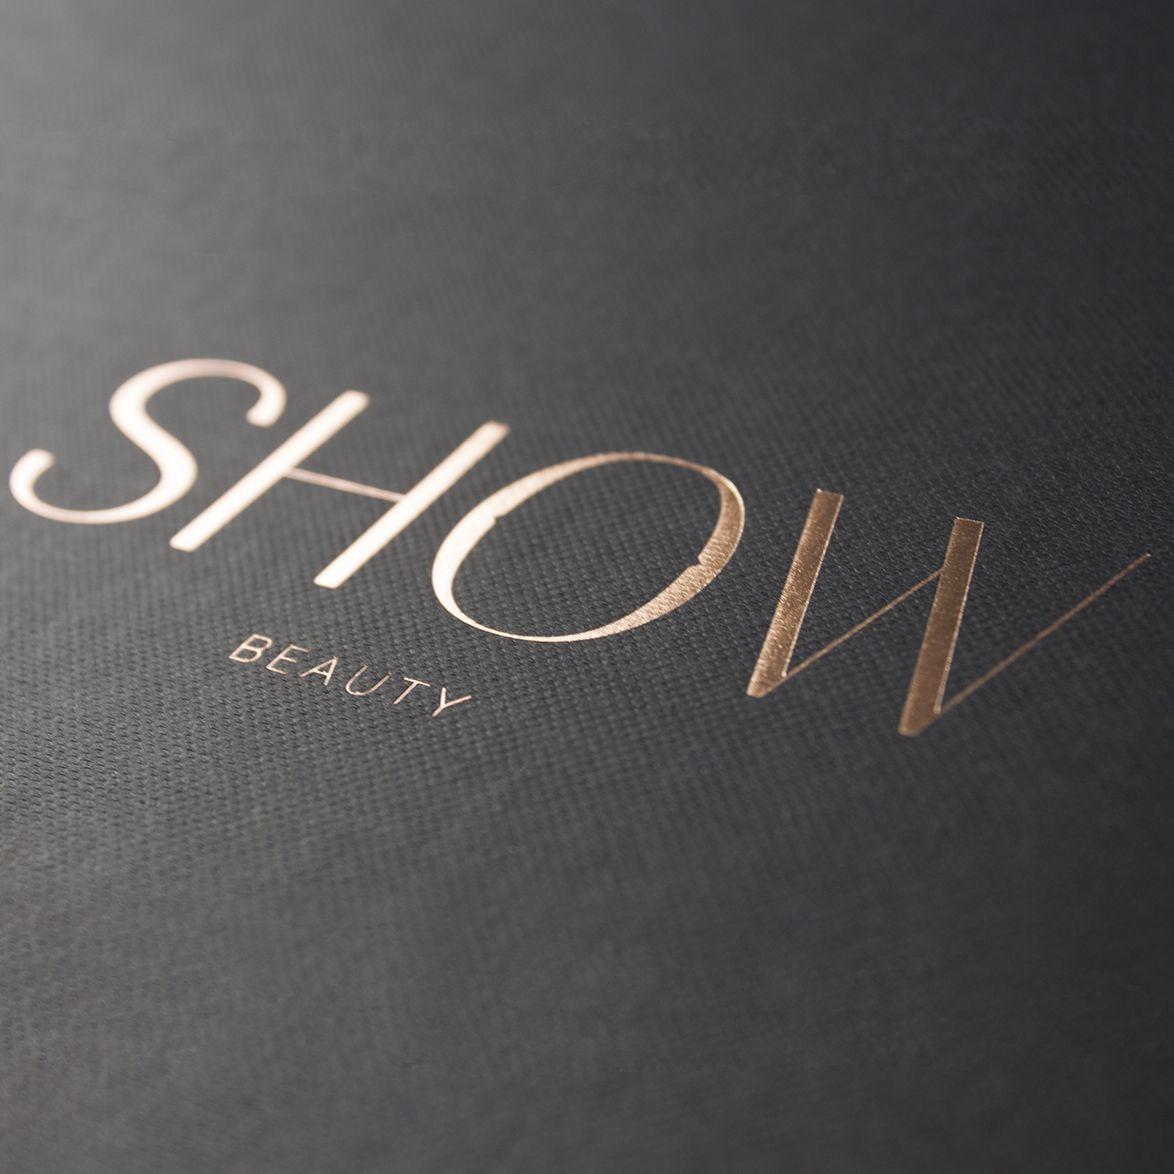 les 25 meilleures id es de la cat gorie logo de luxe sur pinterest image de marque de luxe. Black Bedroom Furniture Sets. Home Design Ideas